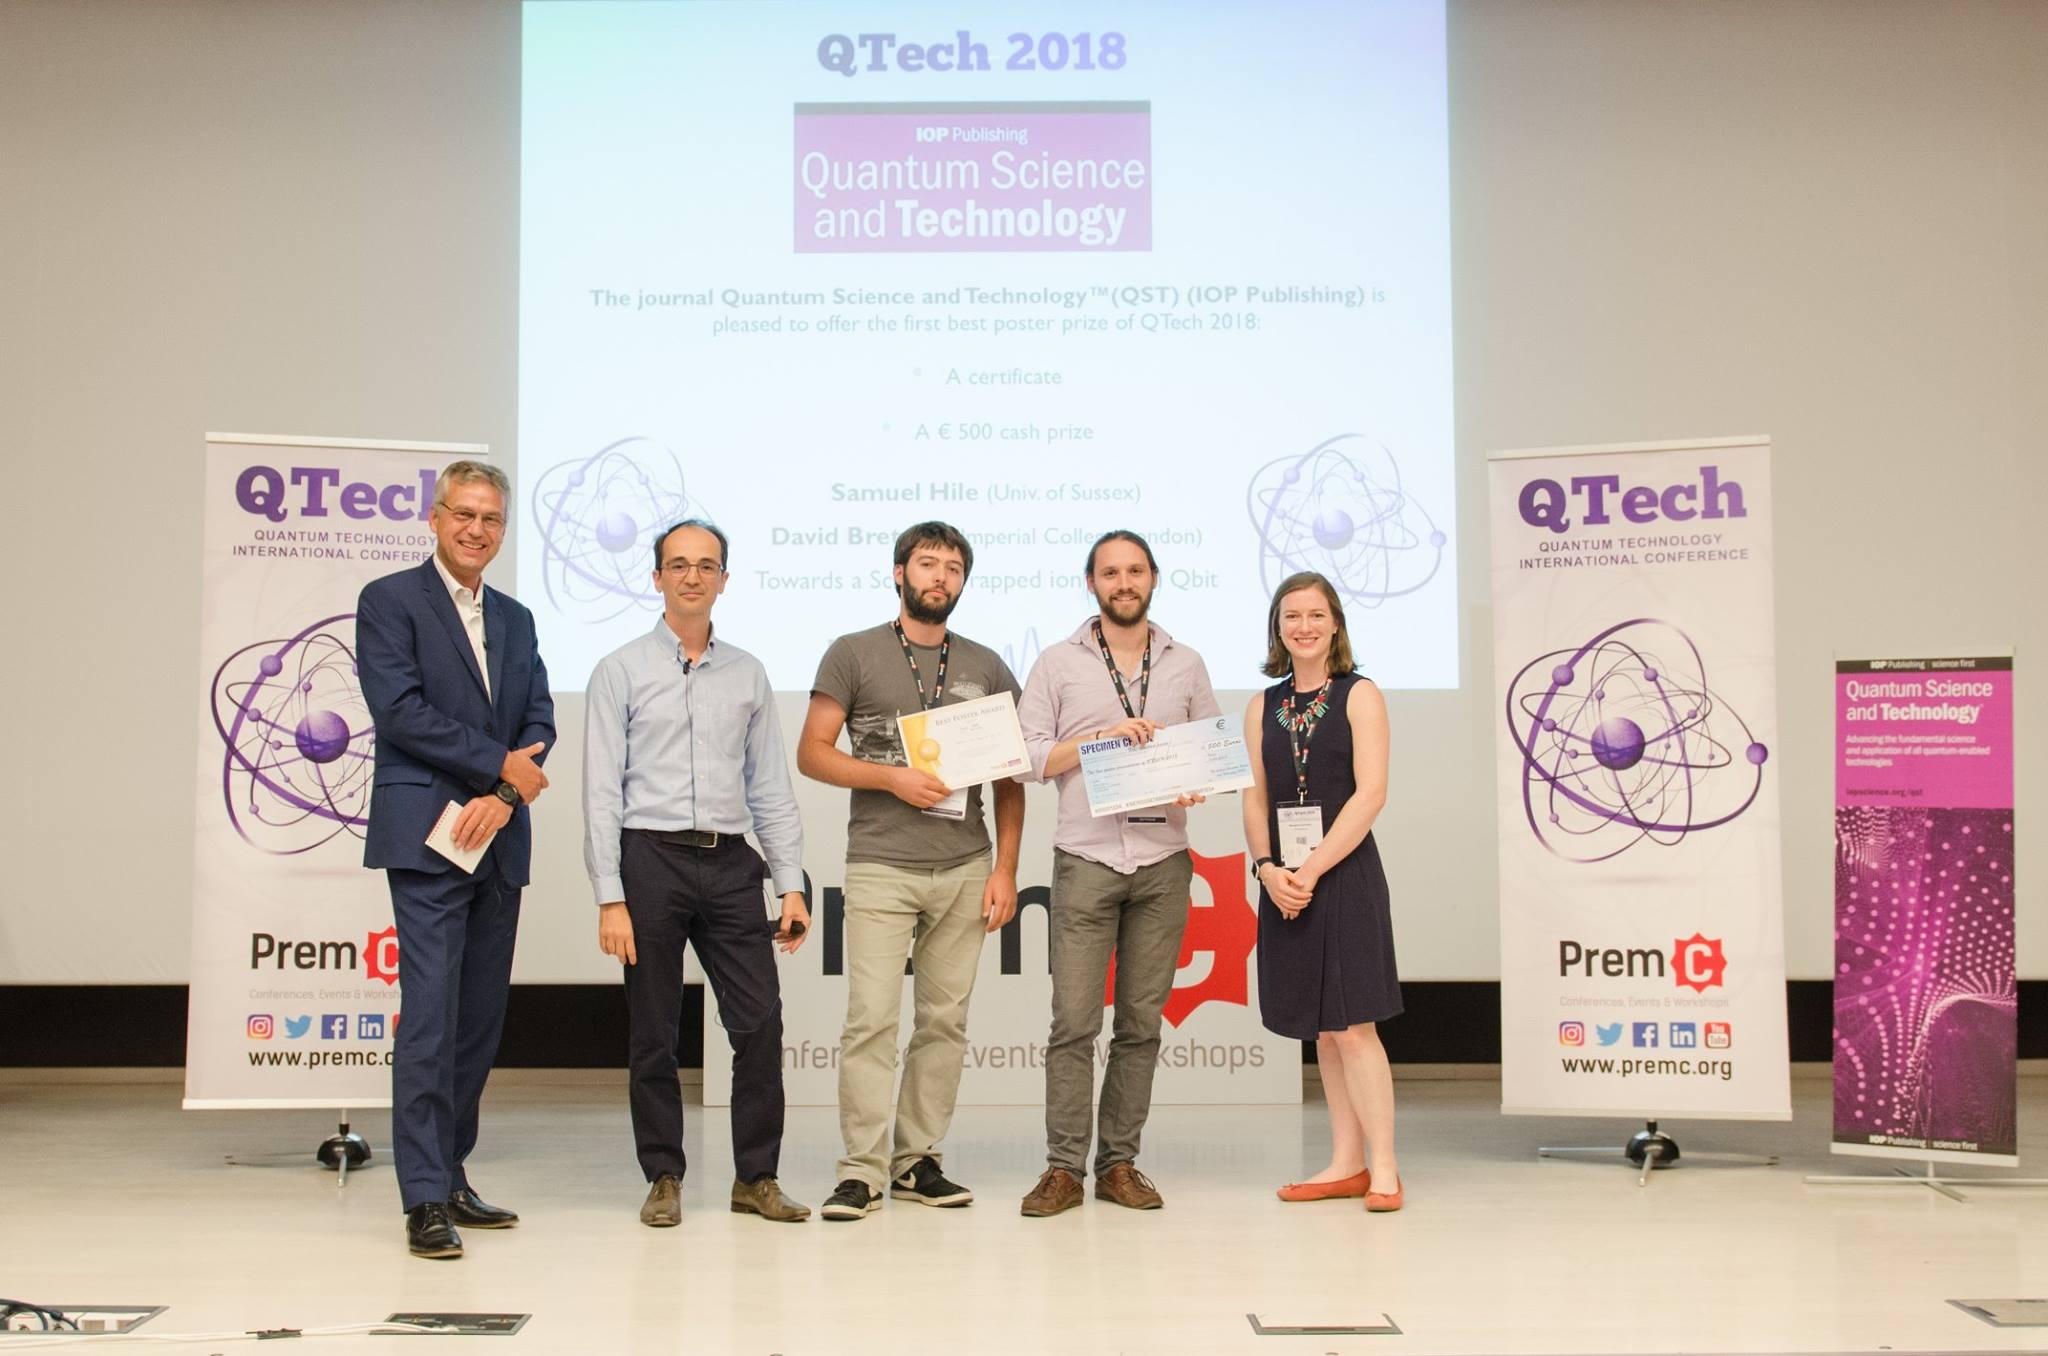 Best Poster Award - QTech 2018